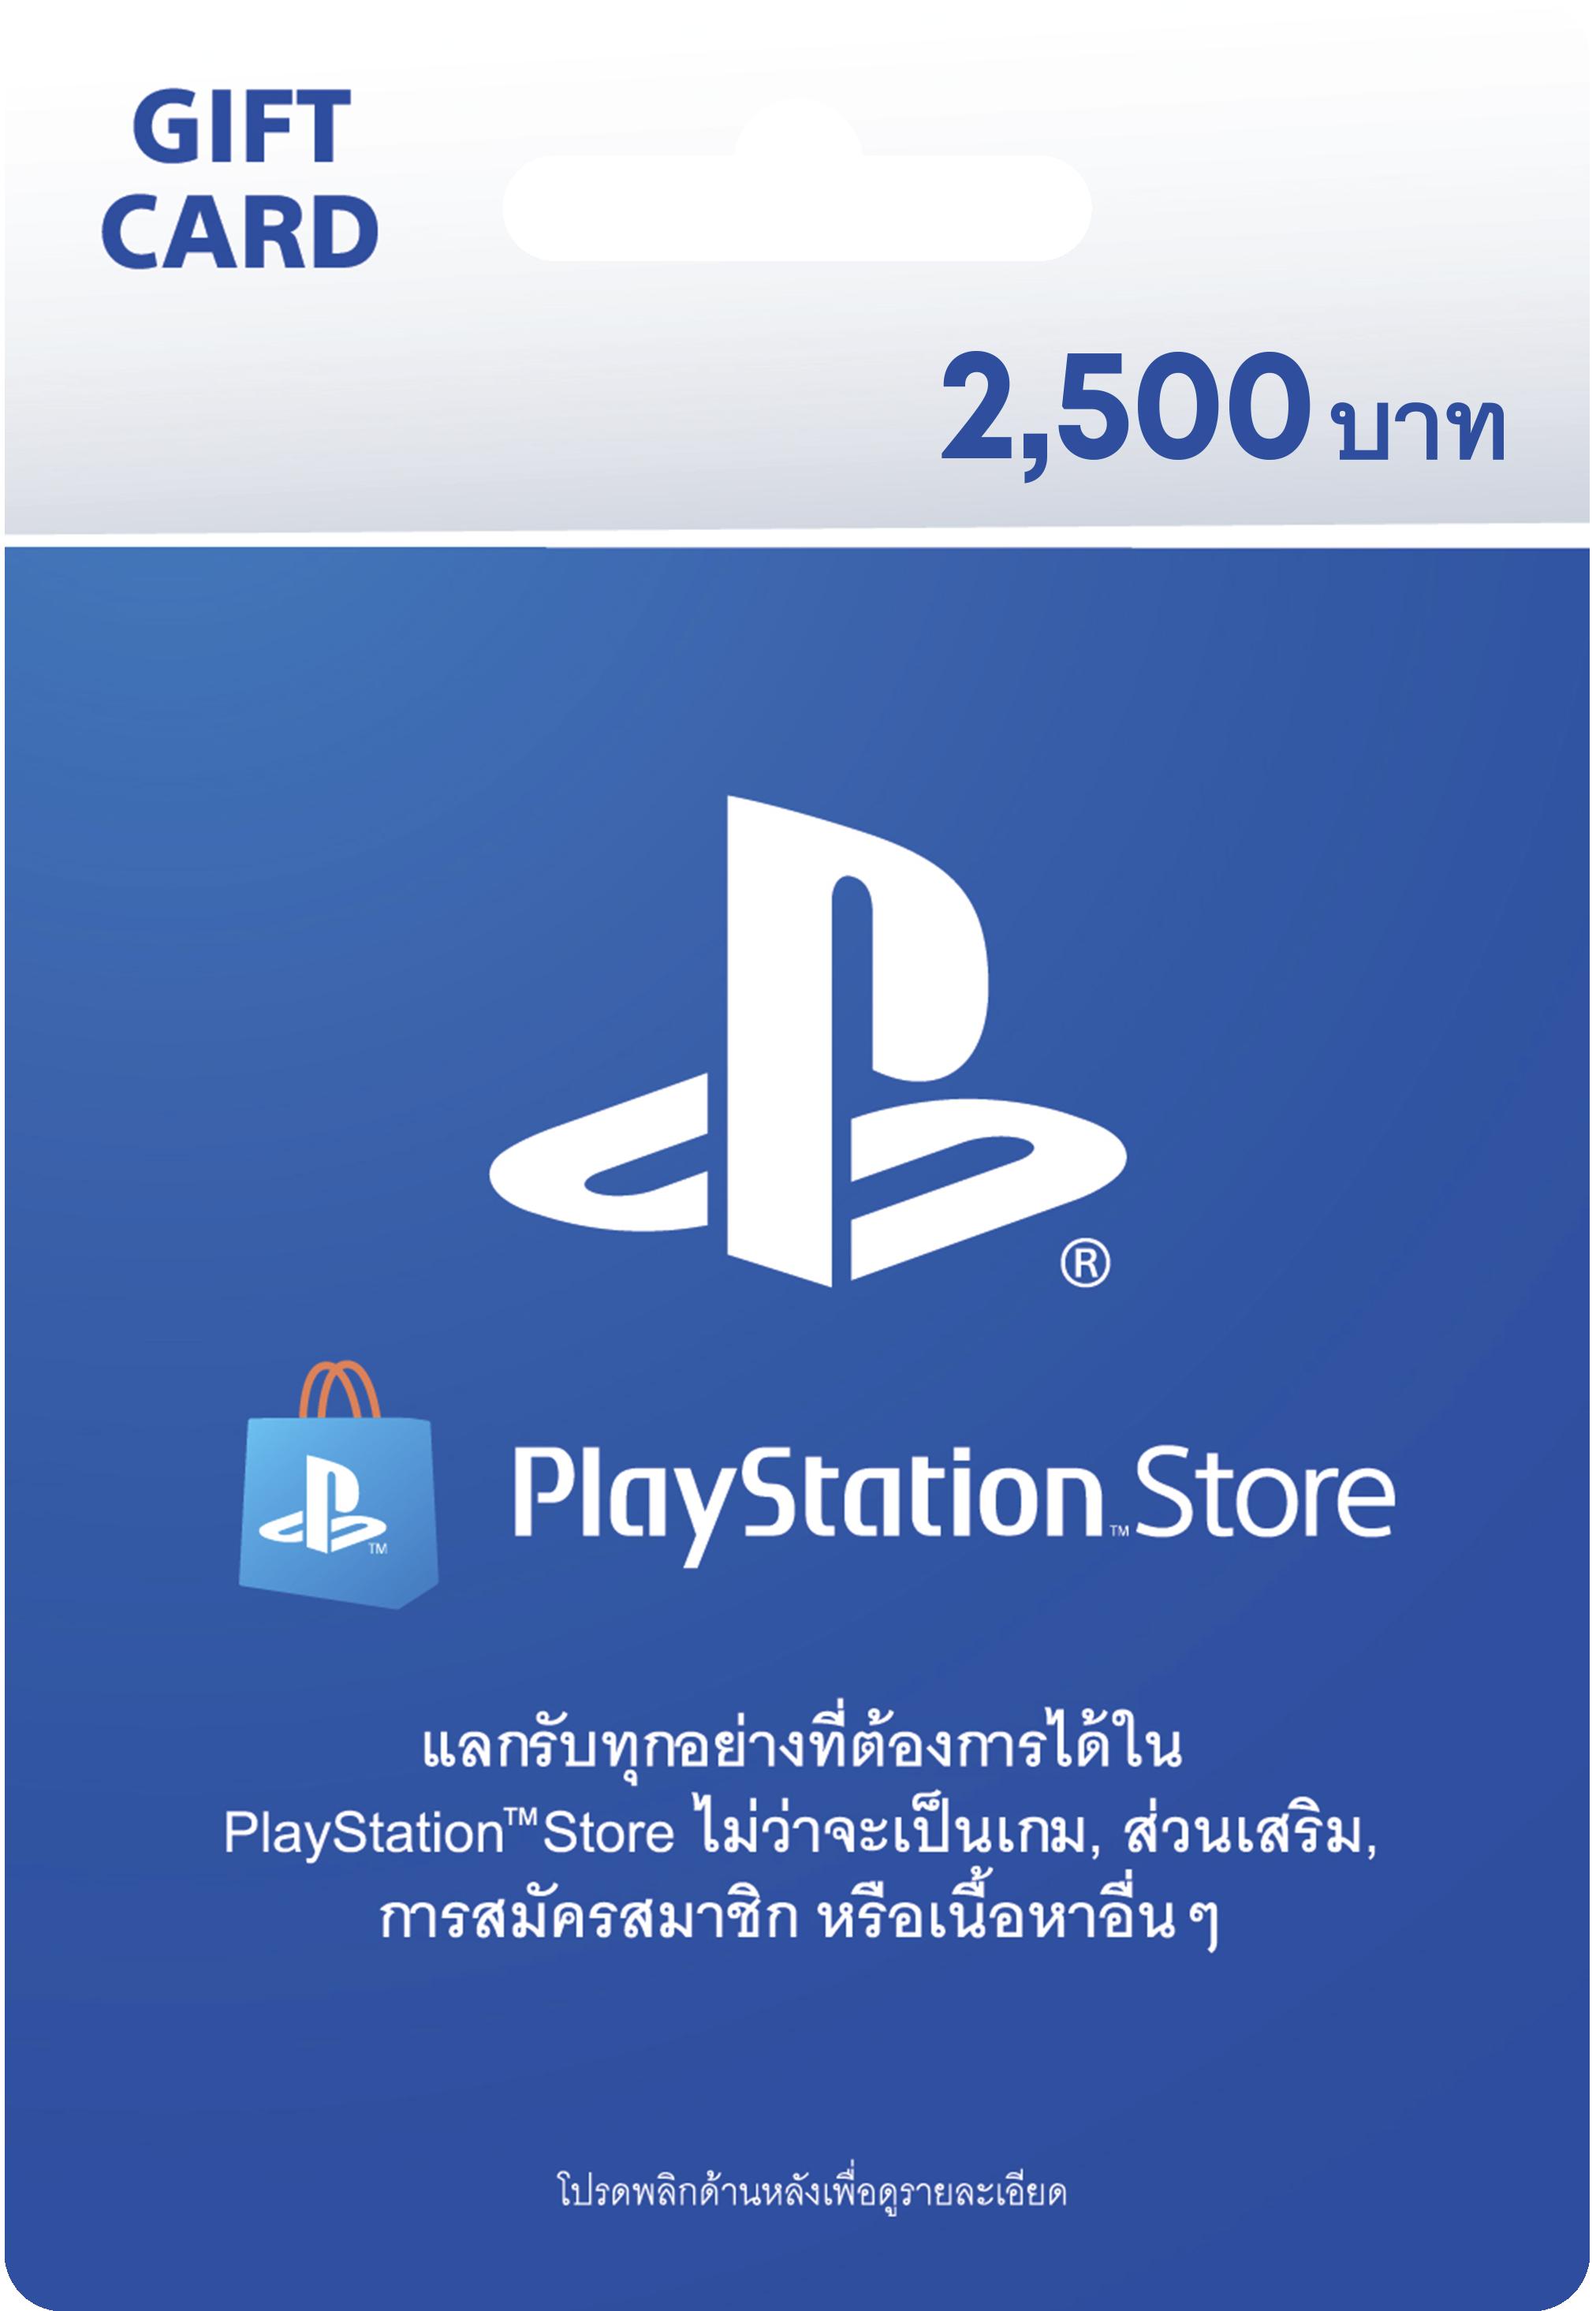 บัตรของขวัญ PlayStation Store 2500บาตร